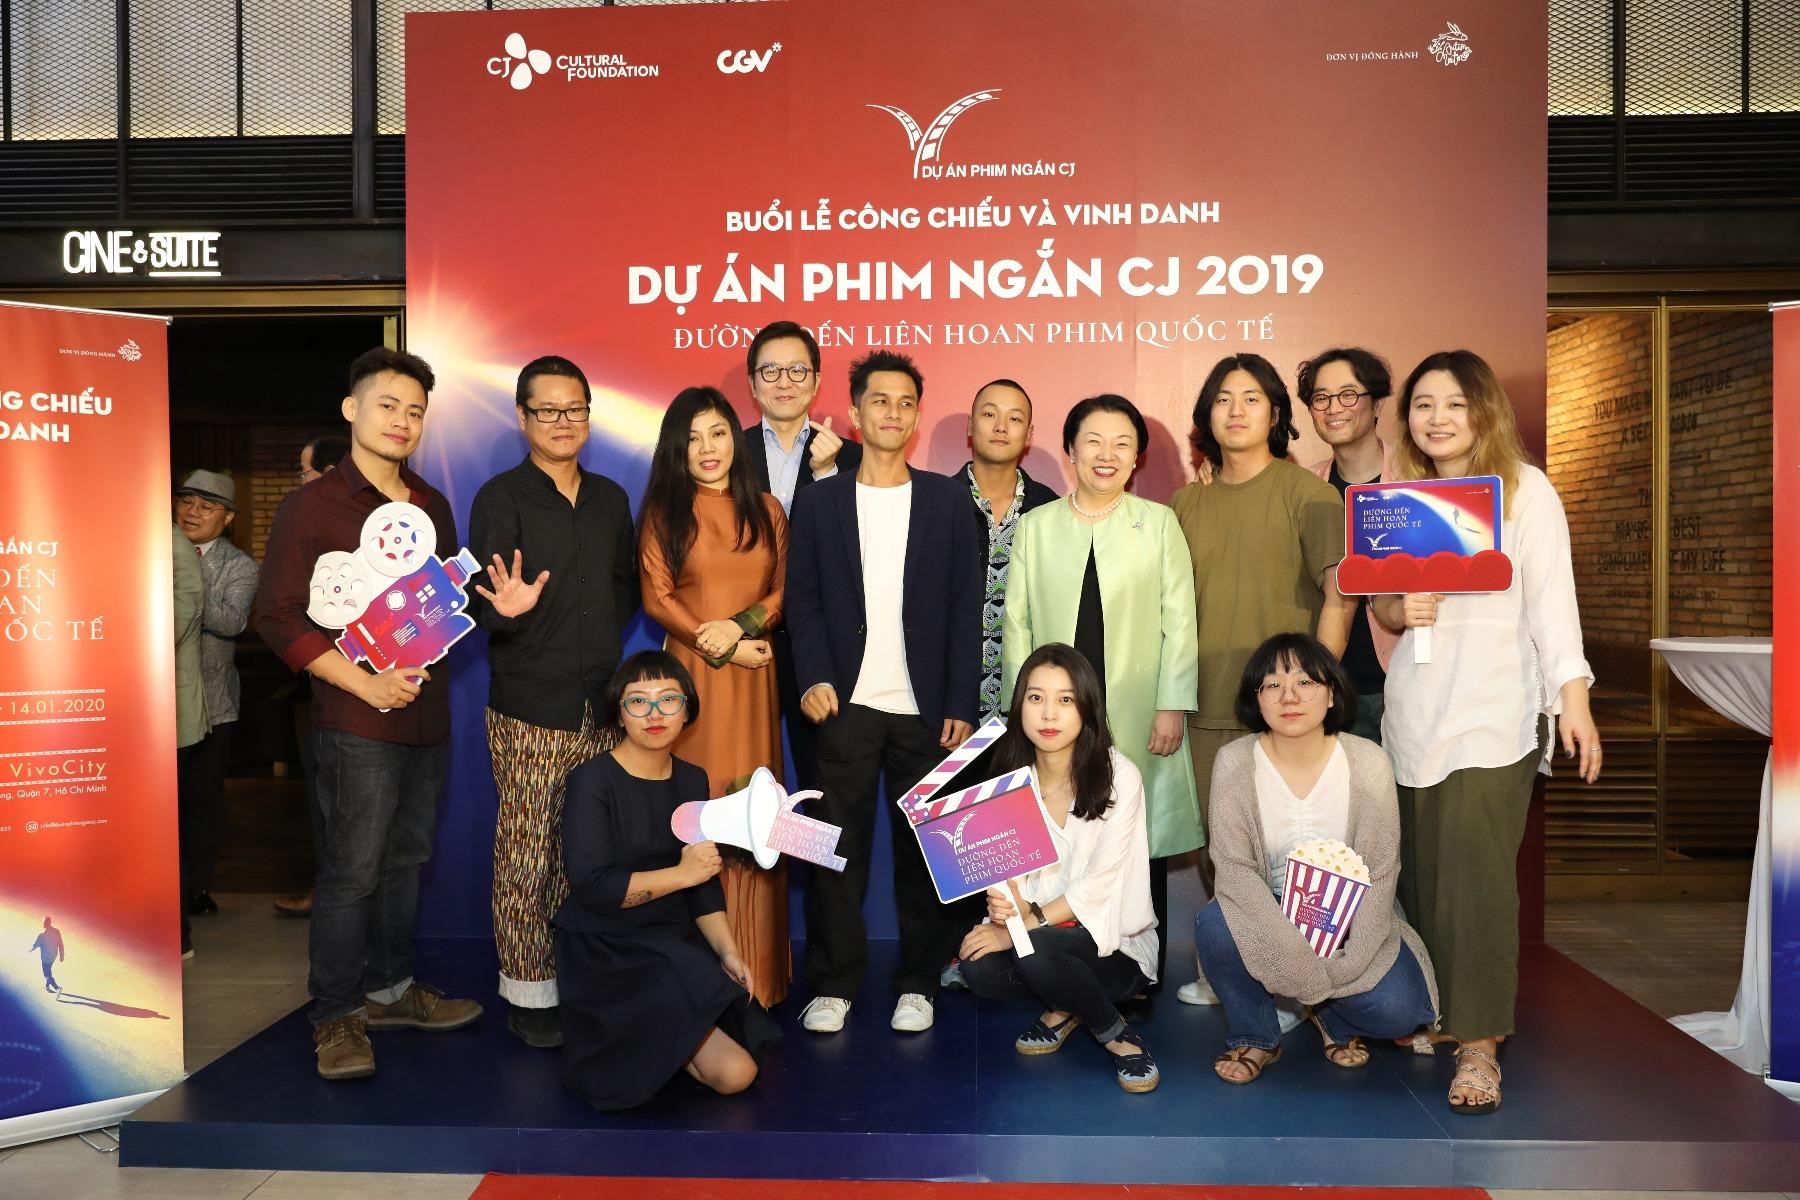 >Dự Án Phim Ngắn CJ Mùa 2: Chờ Ngày Tranh Tài Liên Hoan Phim Quốc Tế